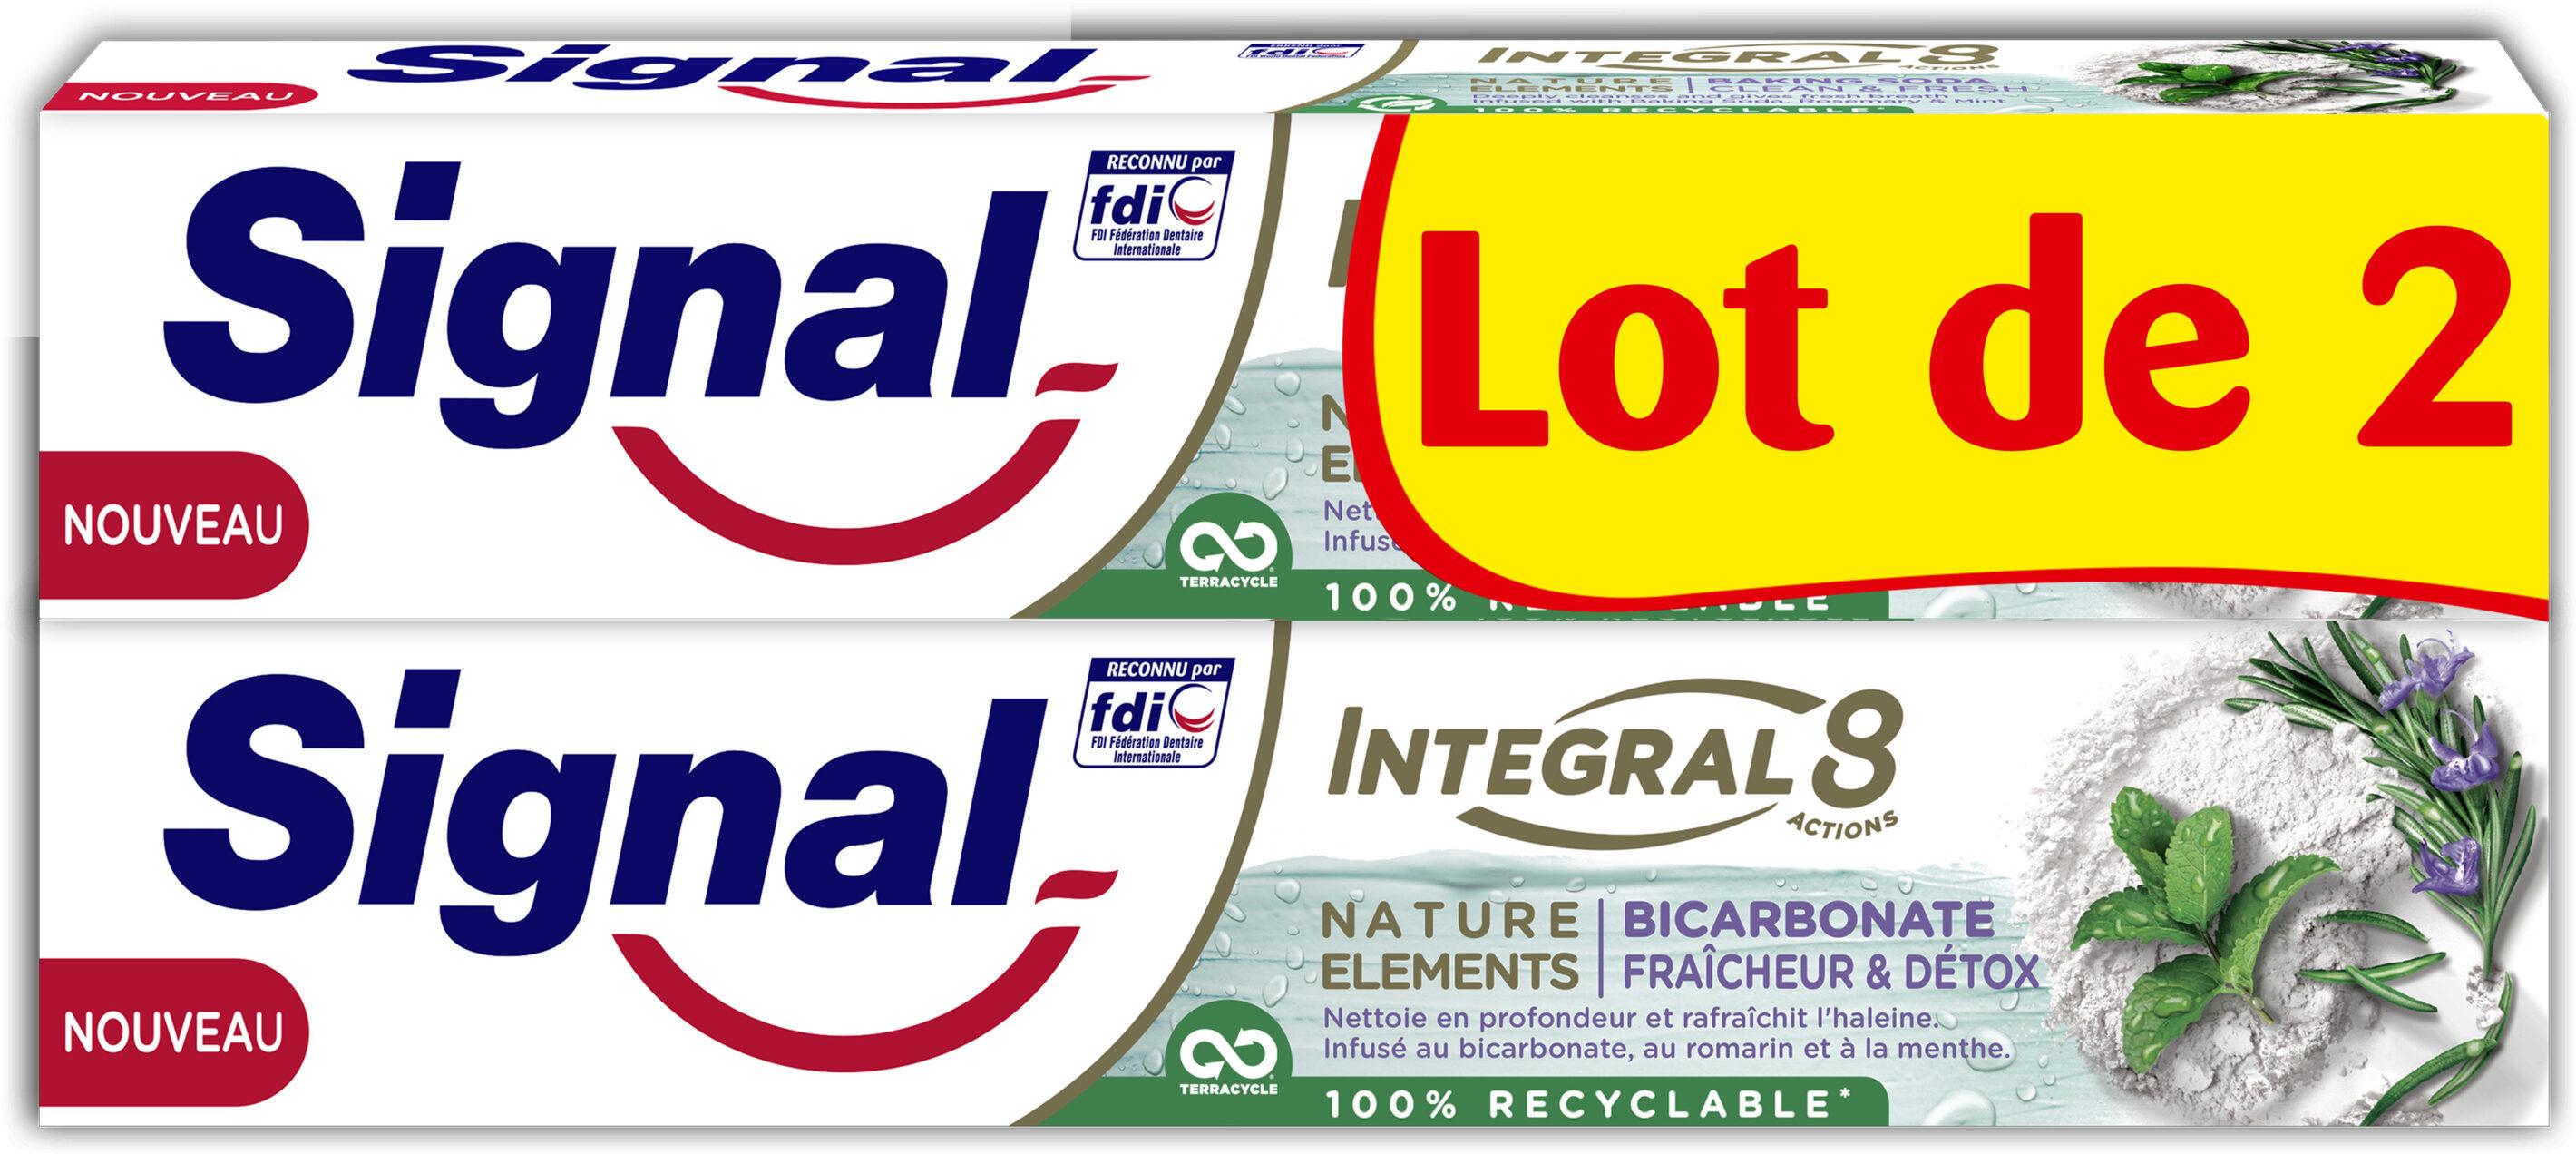 Signal Integral 8 Dentifrice Nature Elements Fraîcheur & Détox 2x75ml - Product - fr